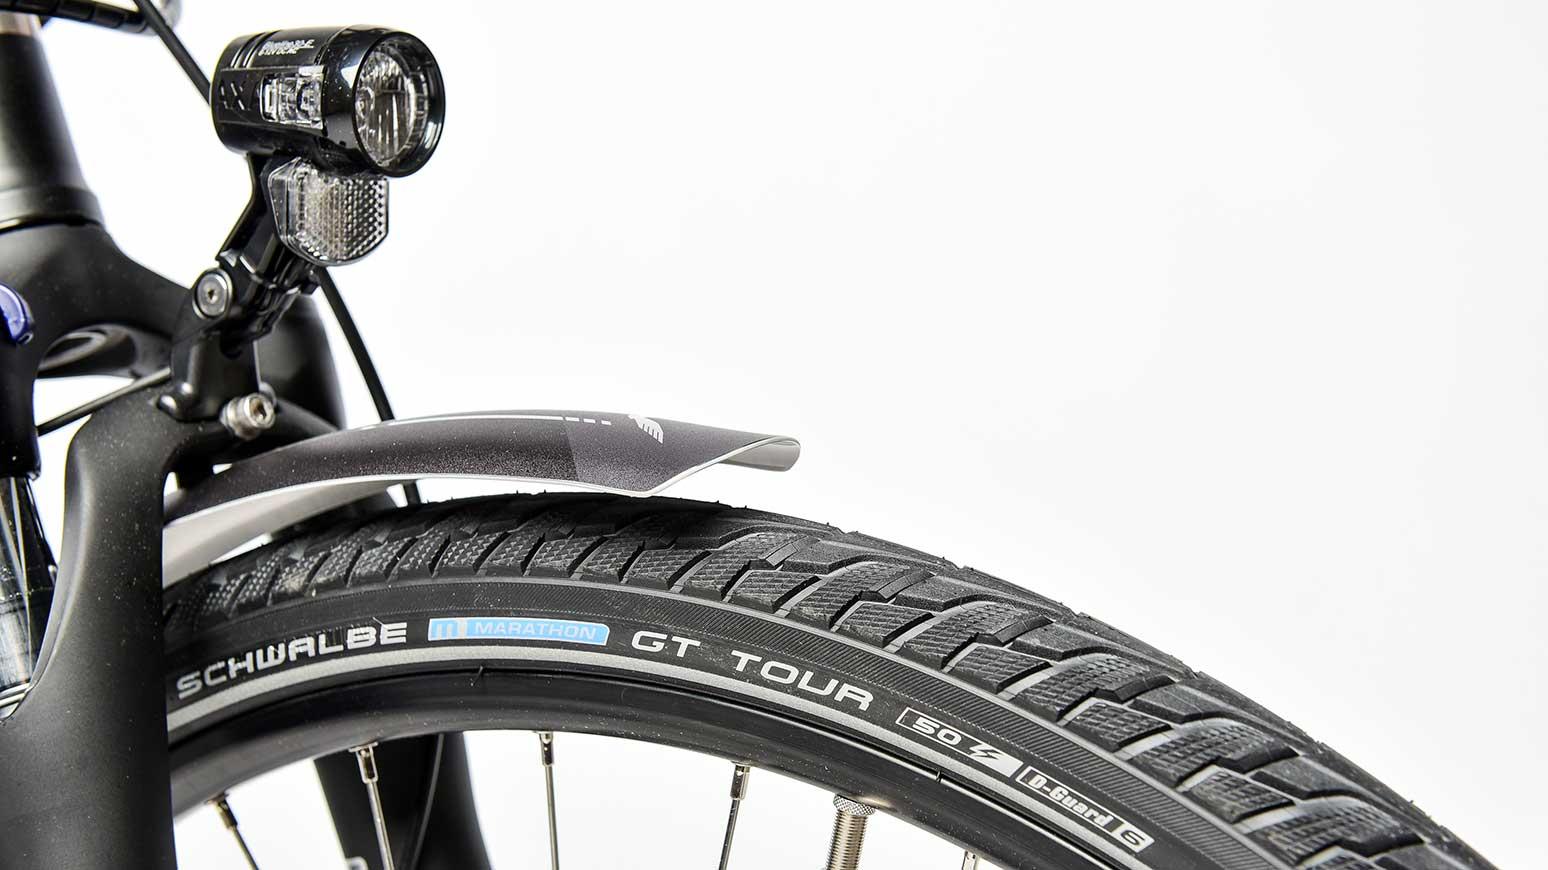 Prima Ganzjahres-Reifen, etwas schwaches Frontlicht.